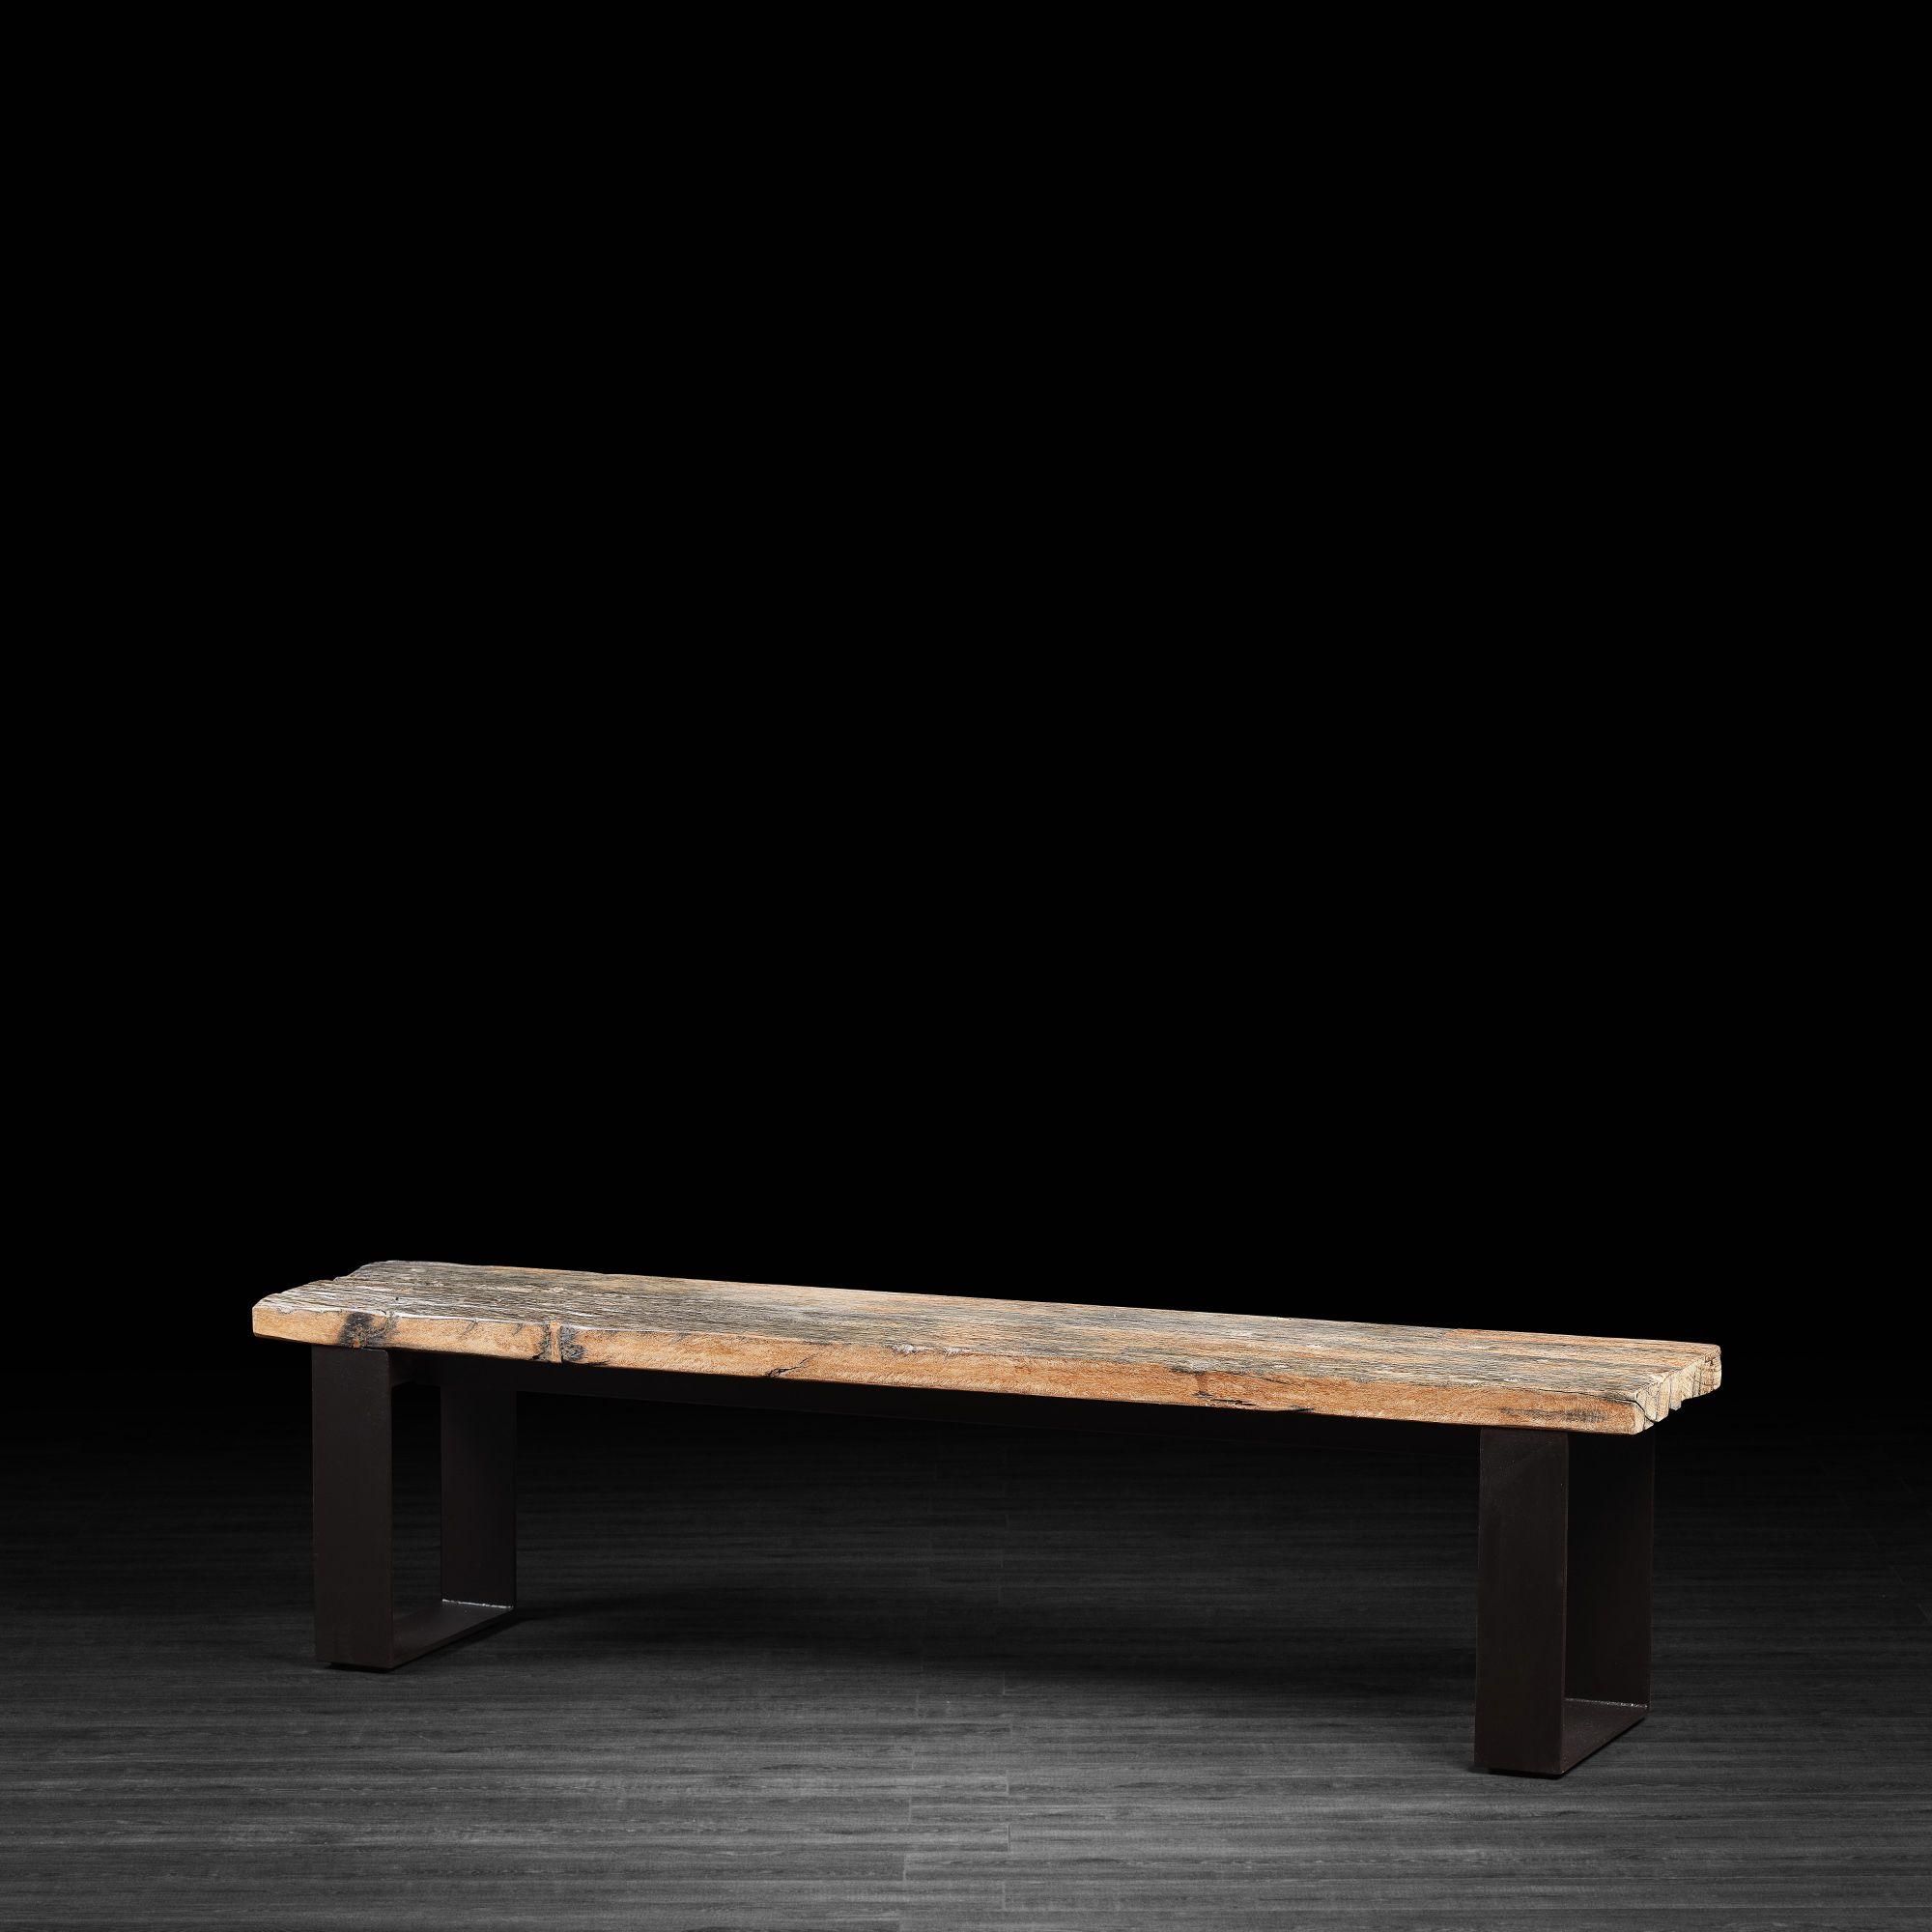 Banc En Bois Recycl Avec Pattes En M Tal At Home Furniture Store Bench Wood